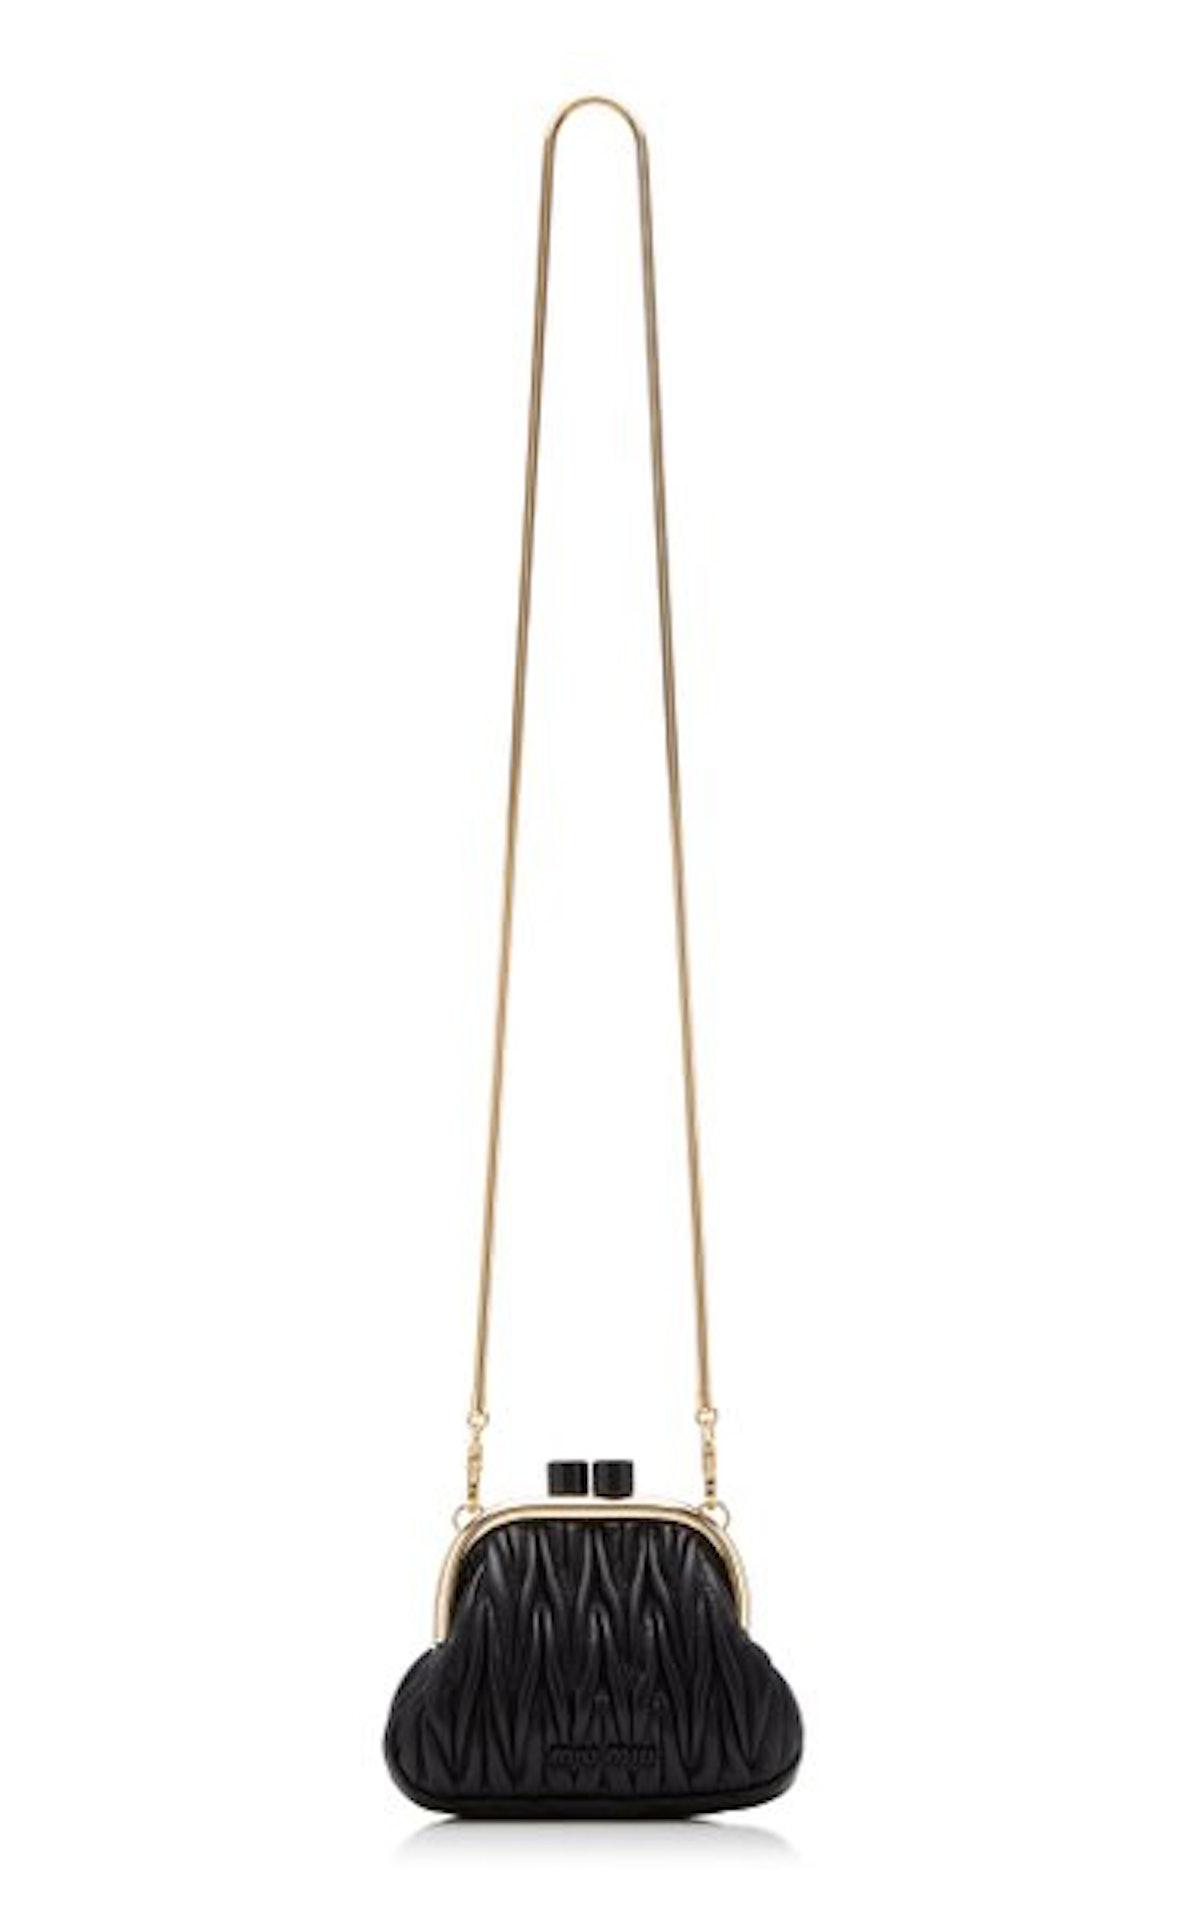 Miu Miu Belle Nappa Leather Bag